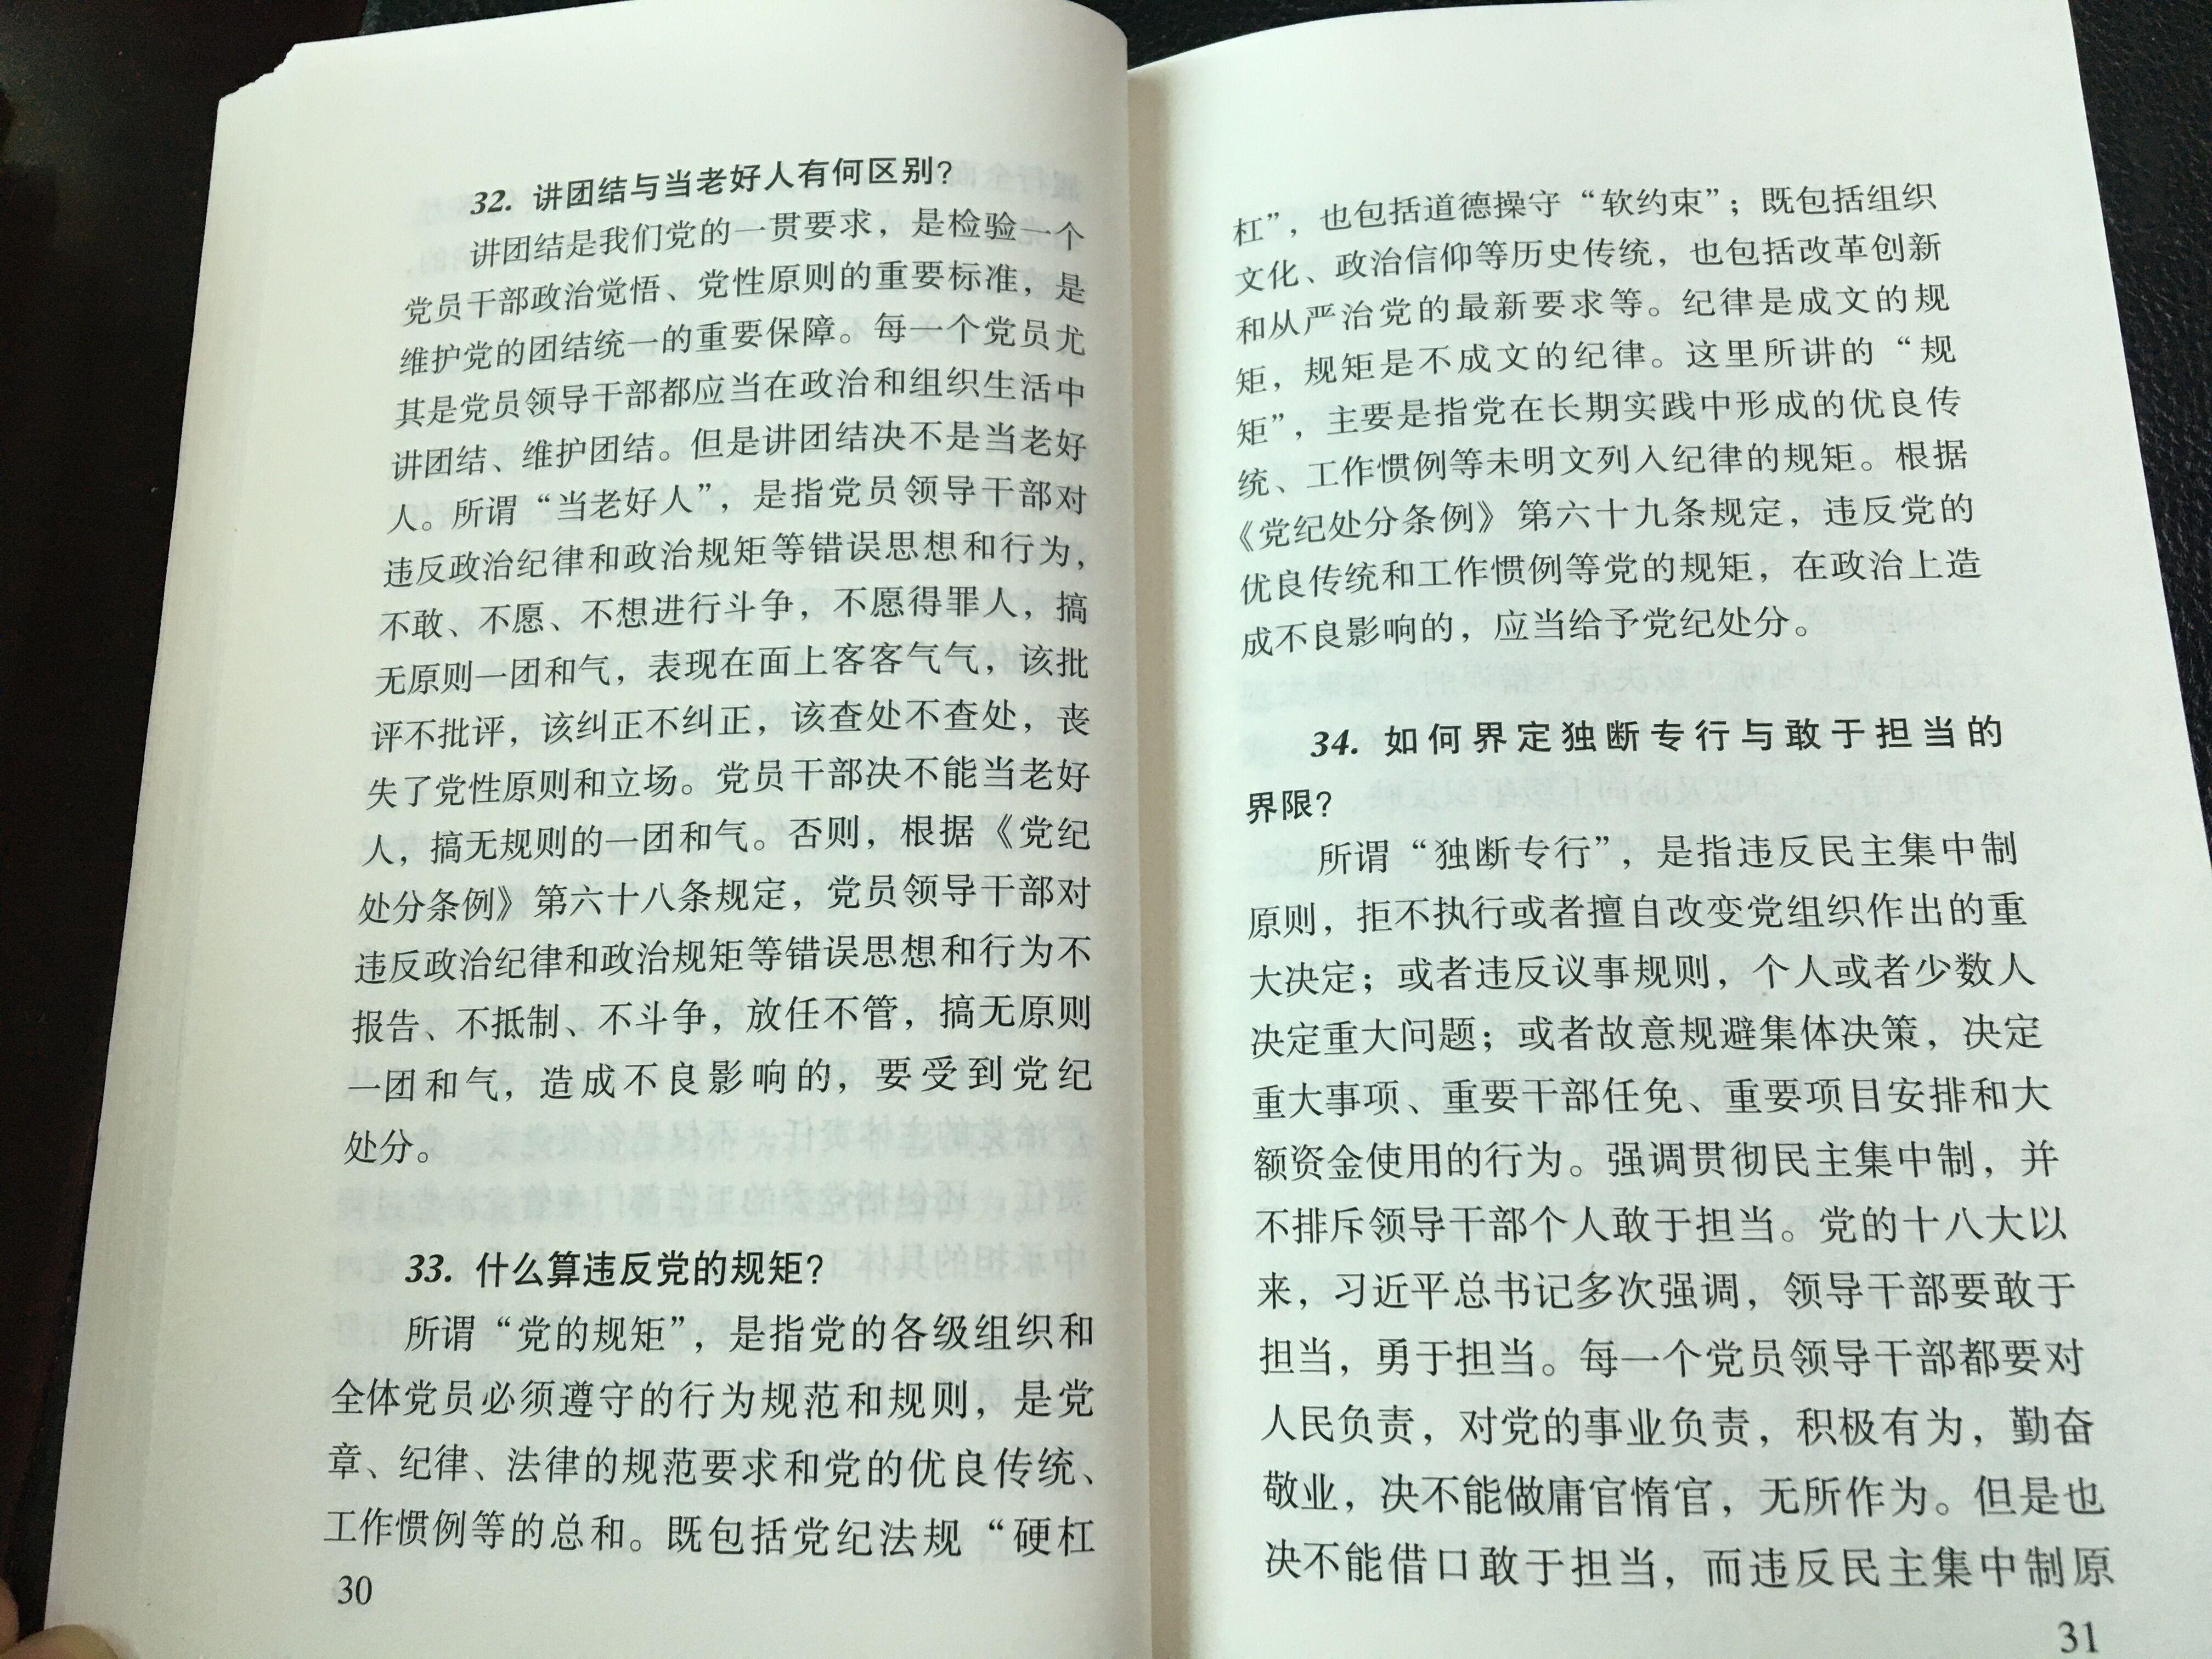 清廉锦囊——党规党纪常见疑惑